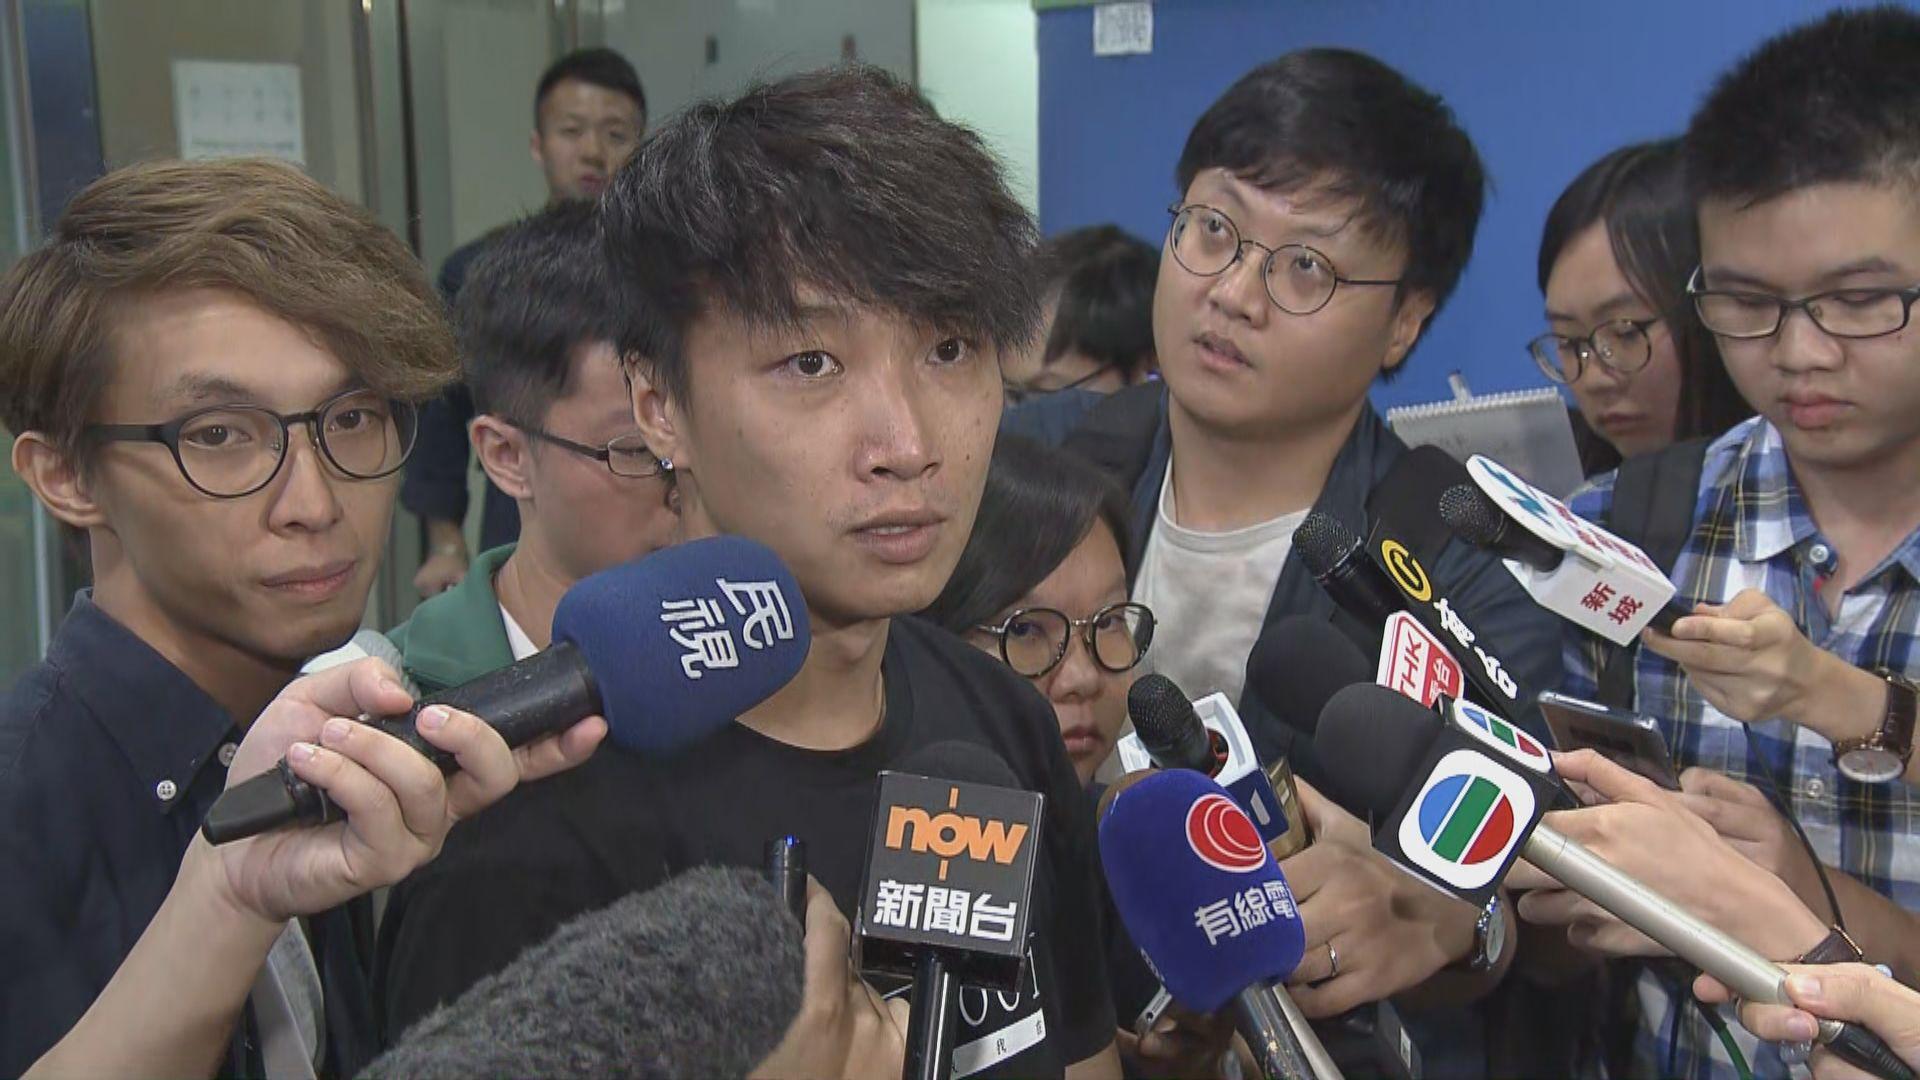 【最新】831遊行上訴被駁回 民陣向市民致歉